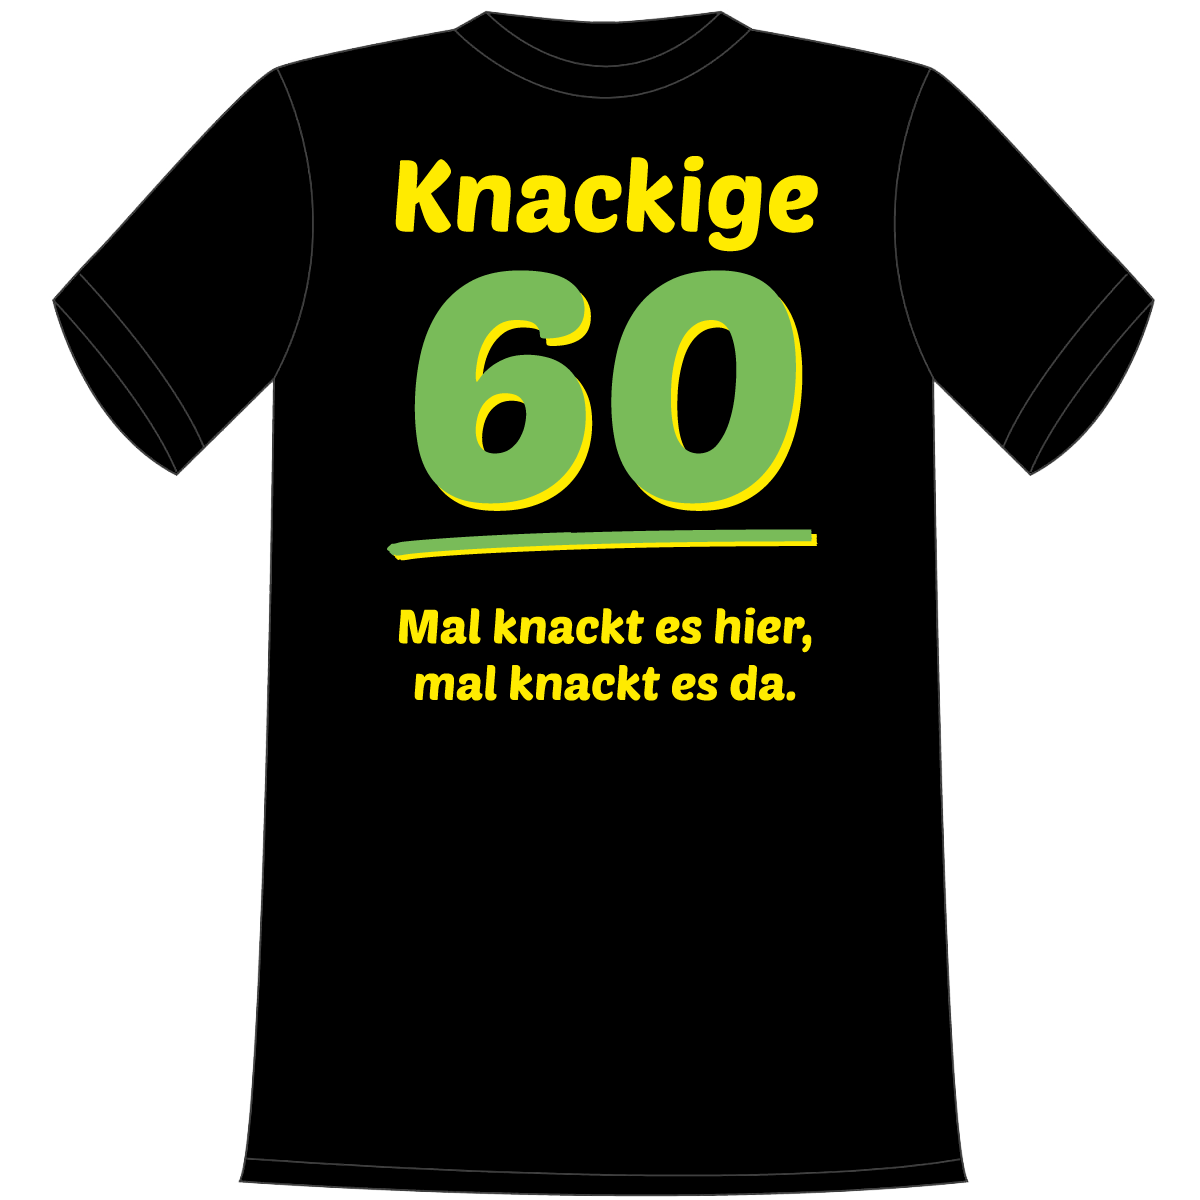 knackige 60 t shirt geschenk online shop carina geschenke wil und flippy shop st gallen. Black Bedroom Furniture Sets. Home Design Ideas